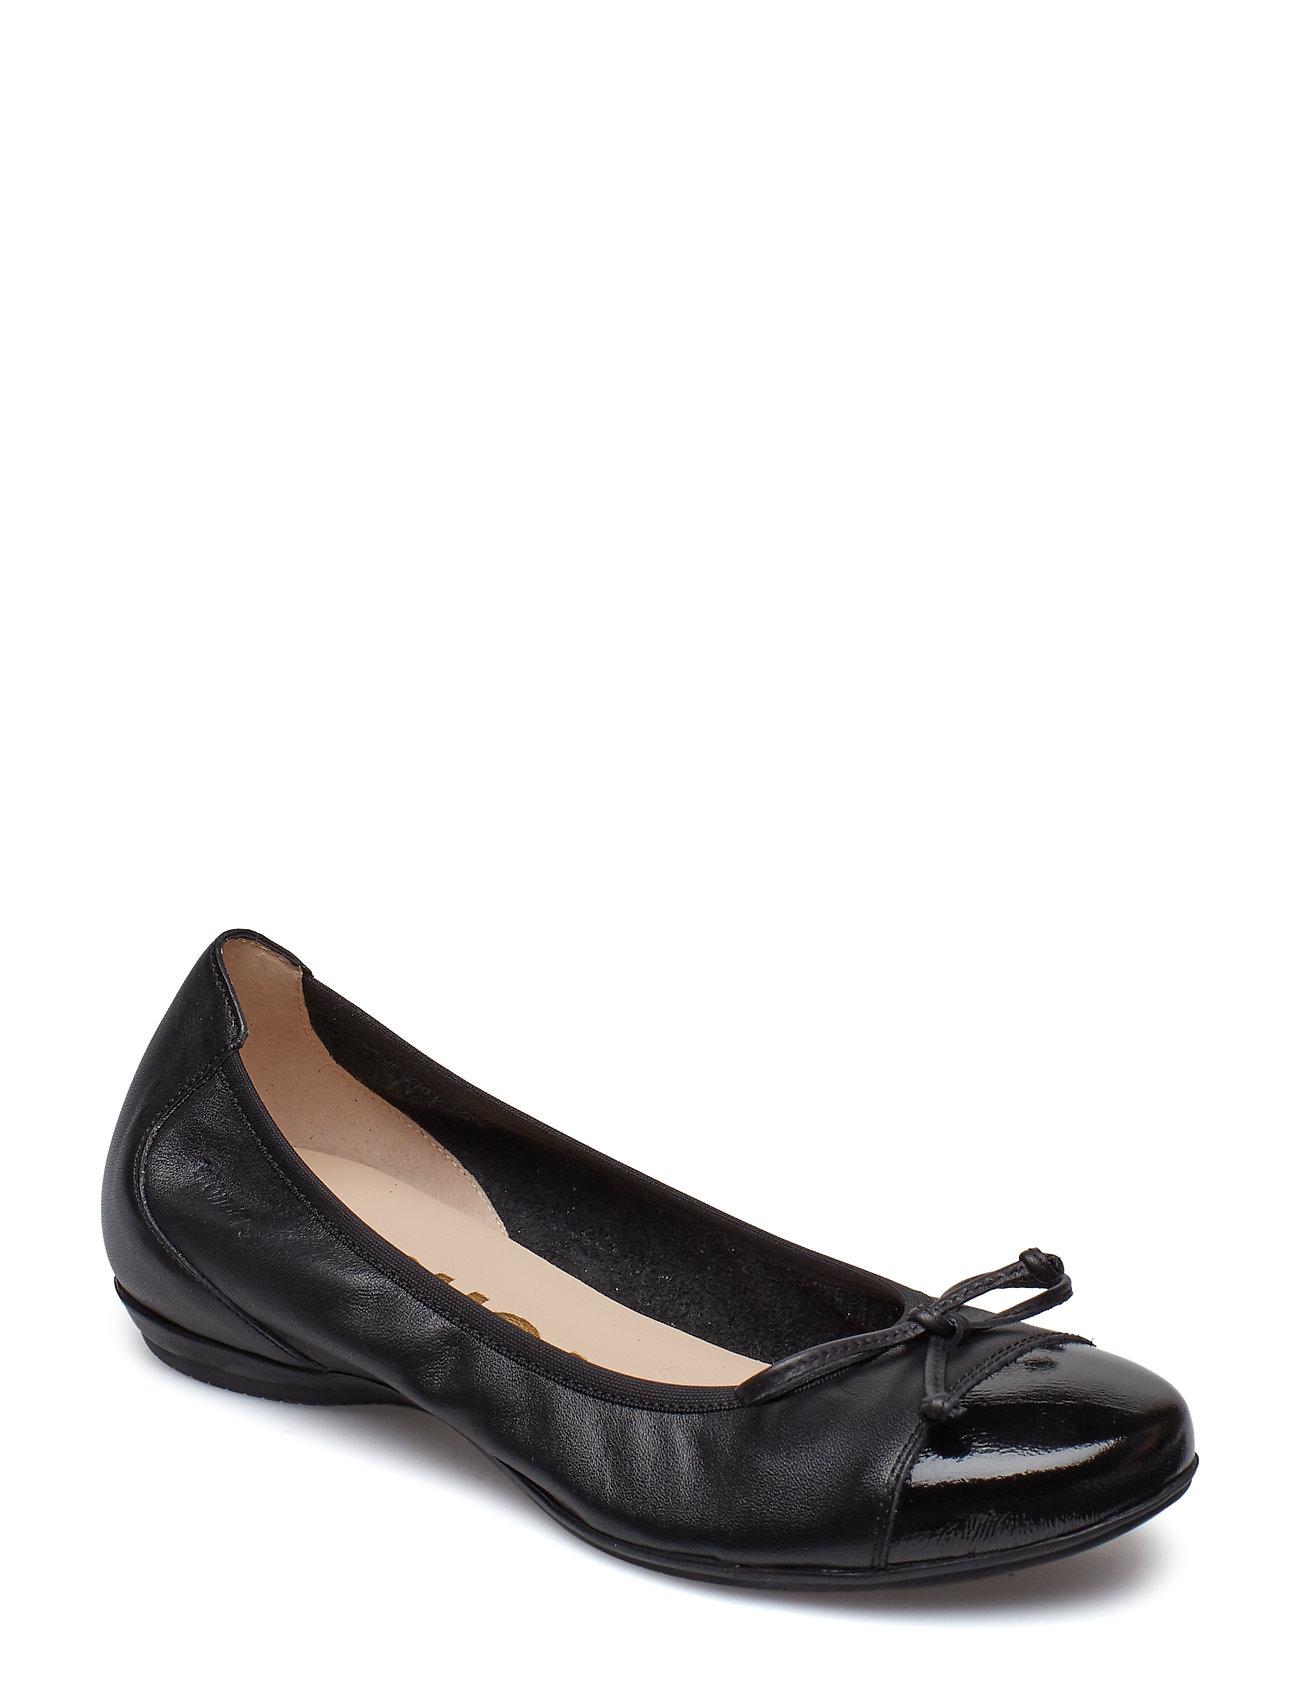 2a29dc5860e Wonders ballerina sko – A-30112 til dame i Sort - Pashion.dk